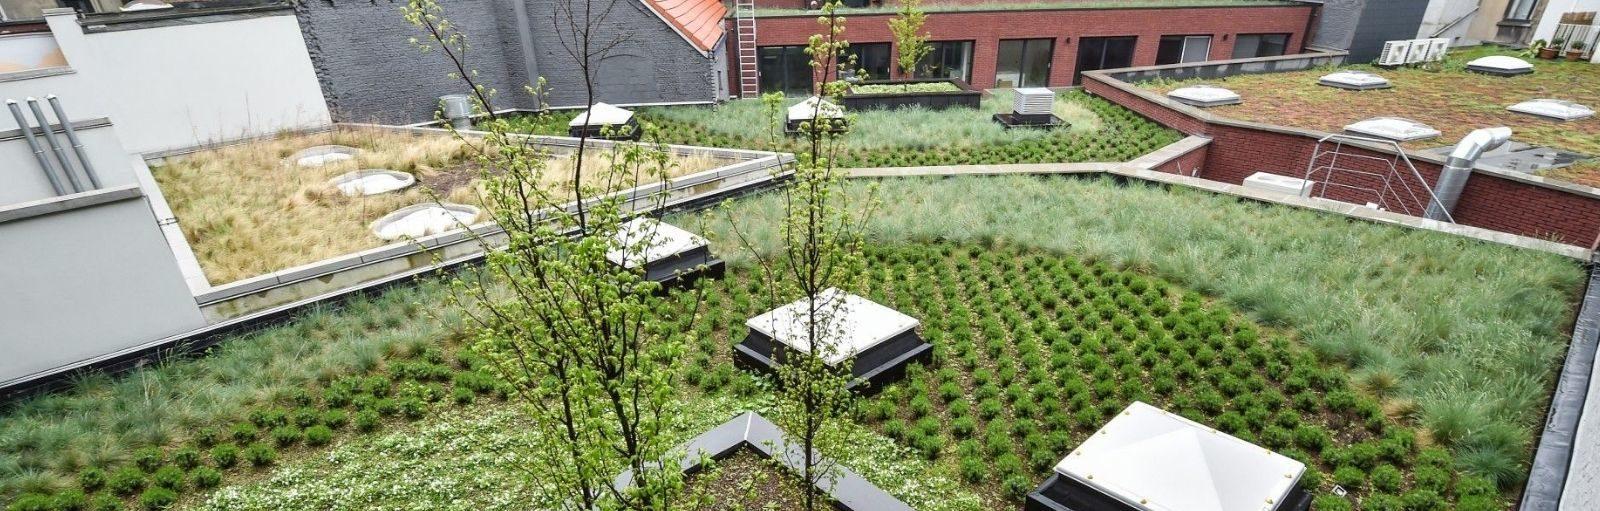 groendak klimaatsverandering